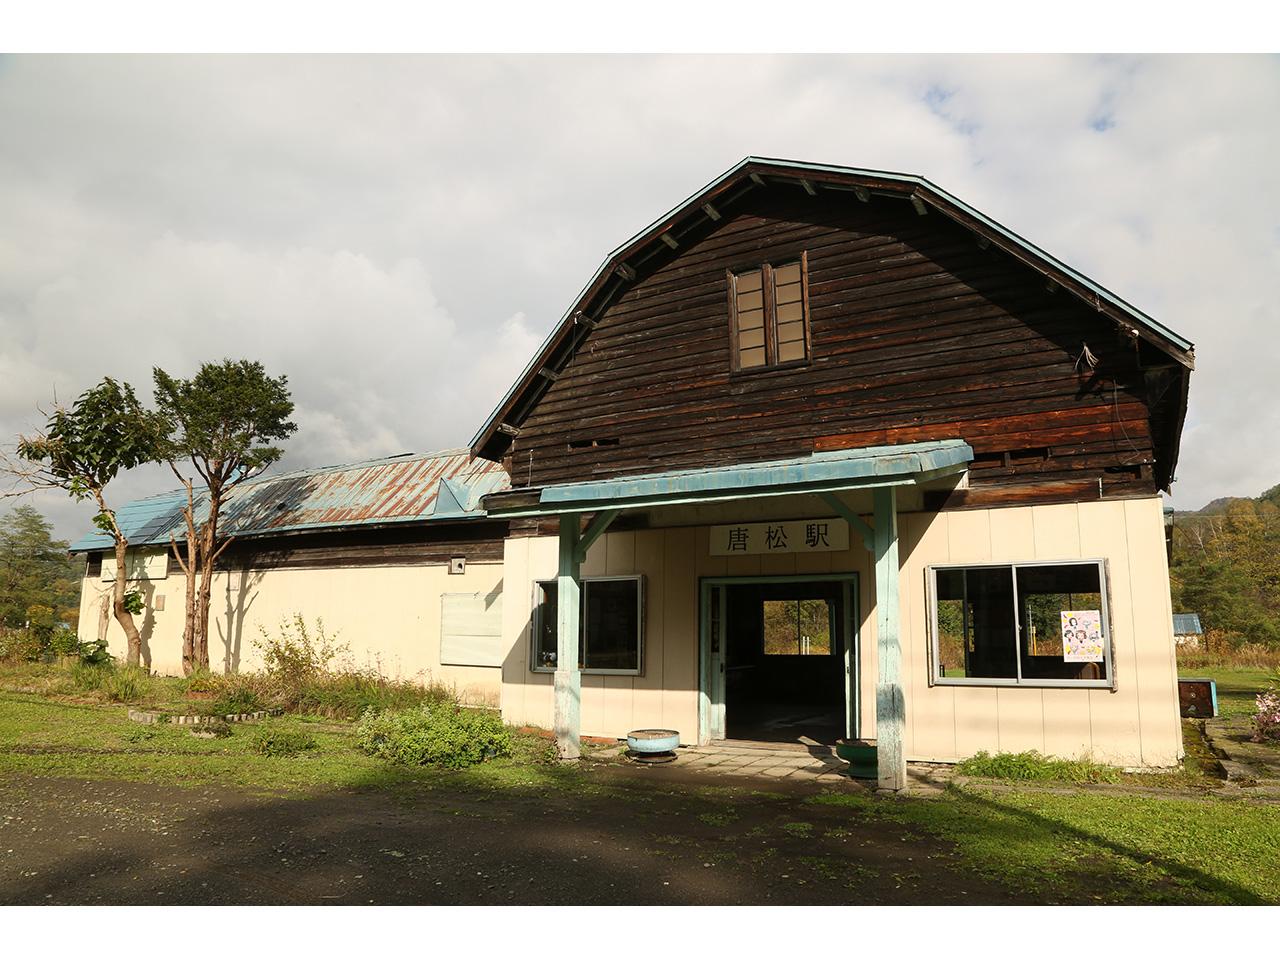 画像:唐松駅舎(1)